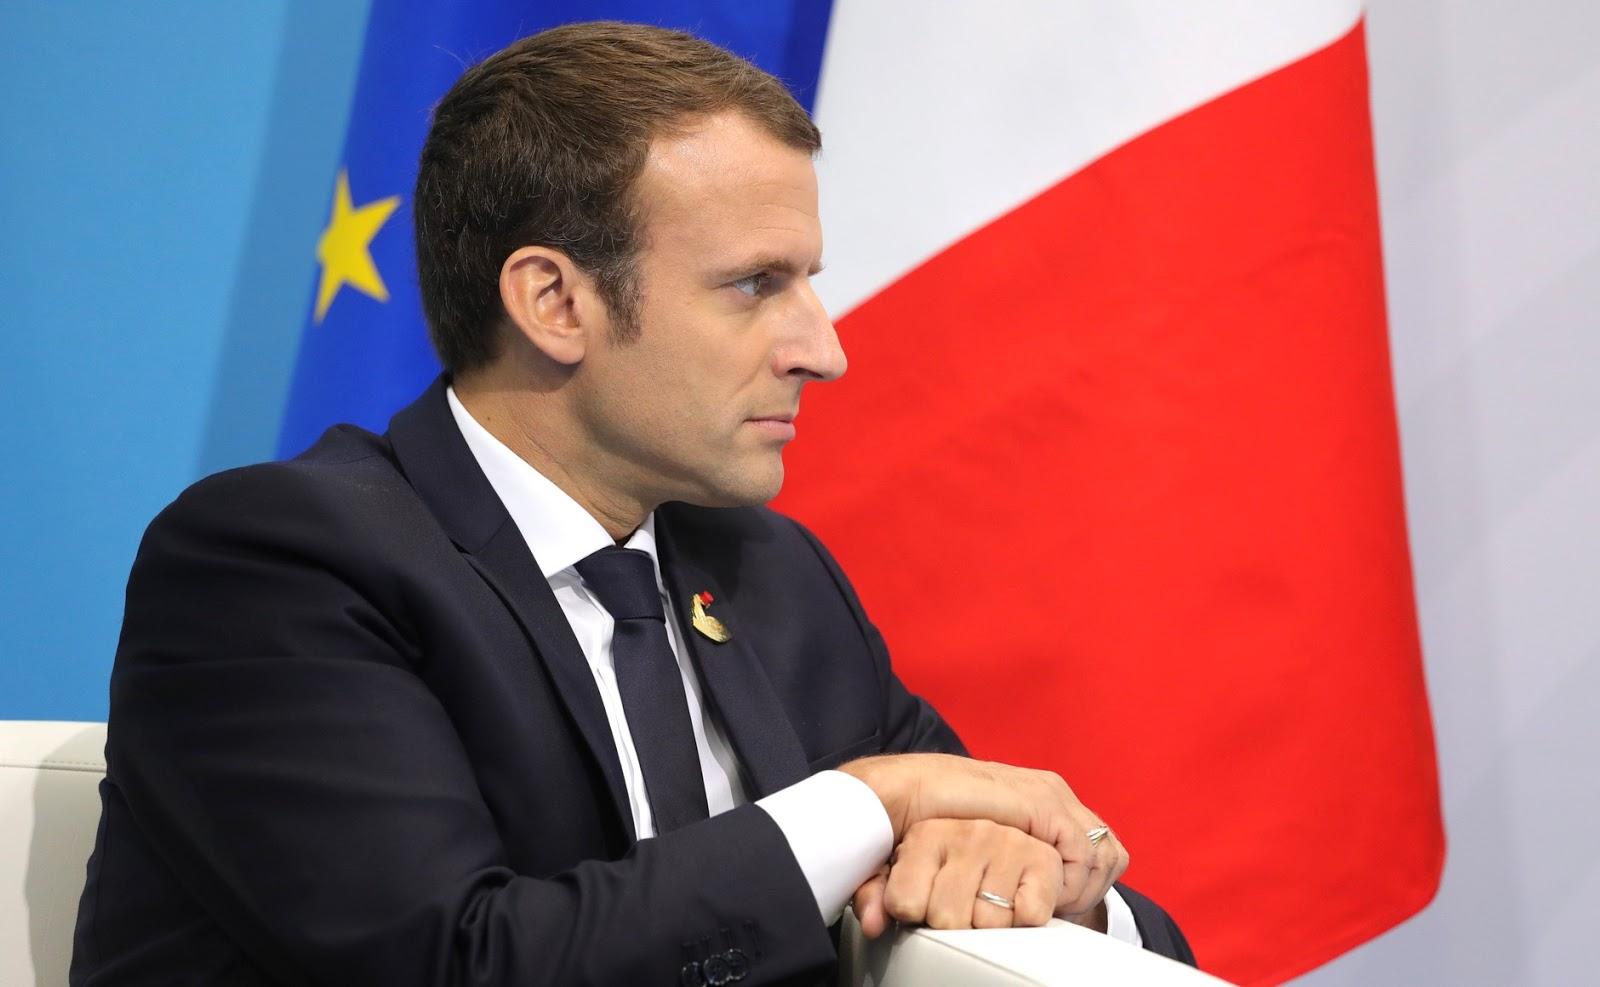 En 2018, la politique d'Emmanuel Macron a deux fois plus bénéficié aux plus riches